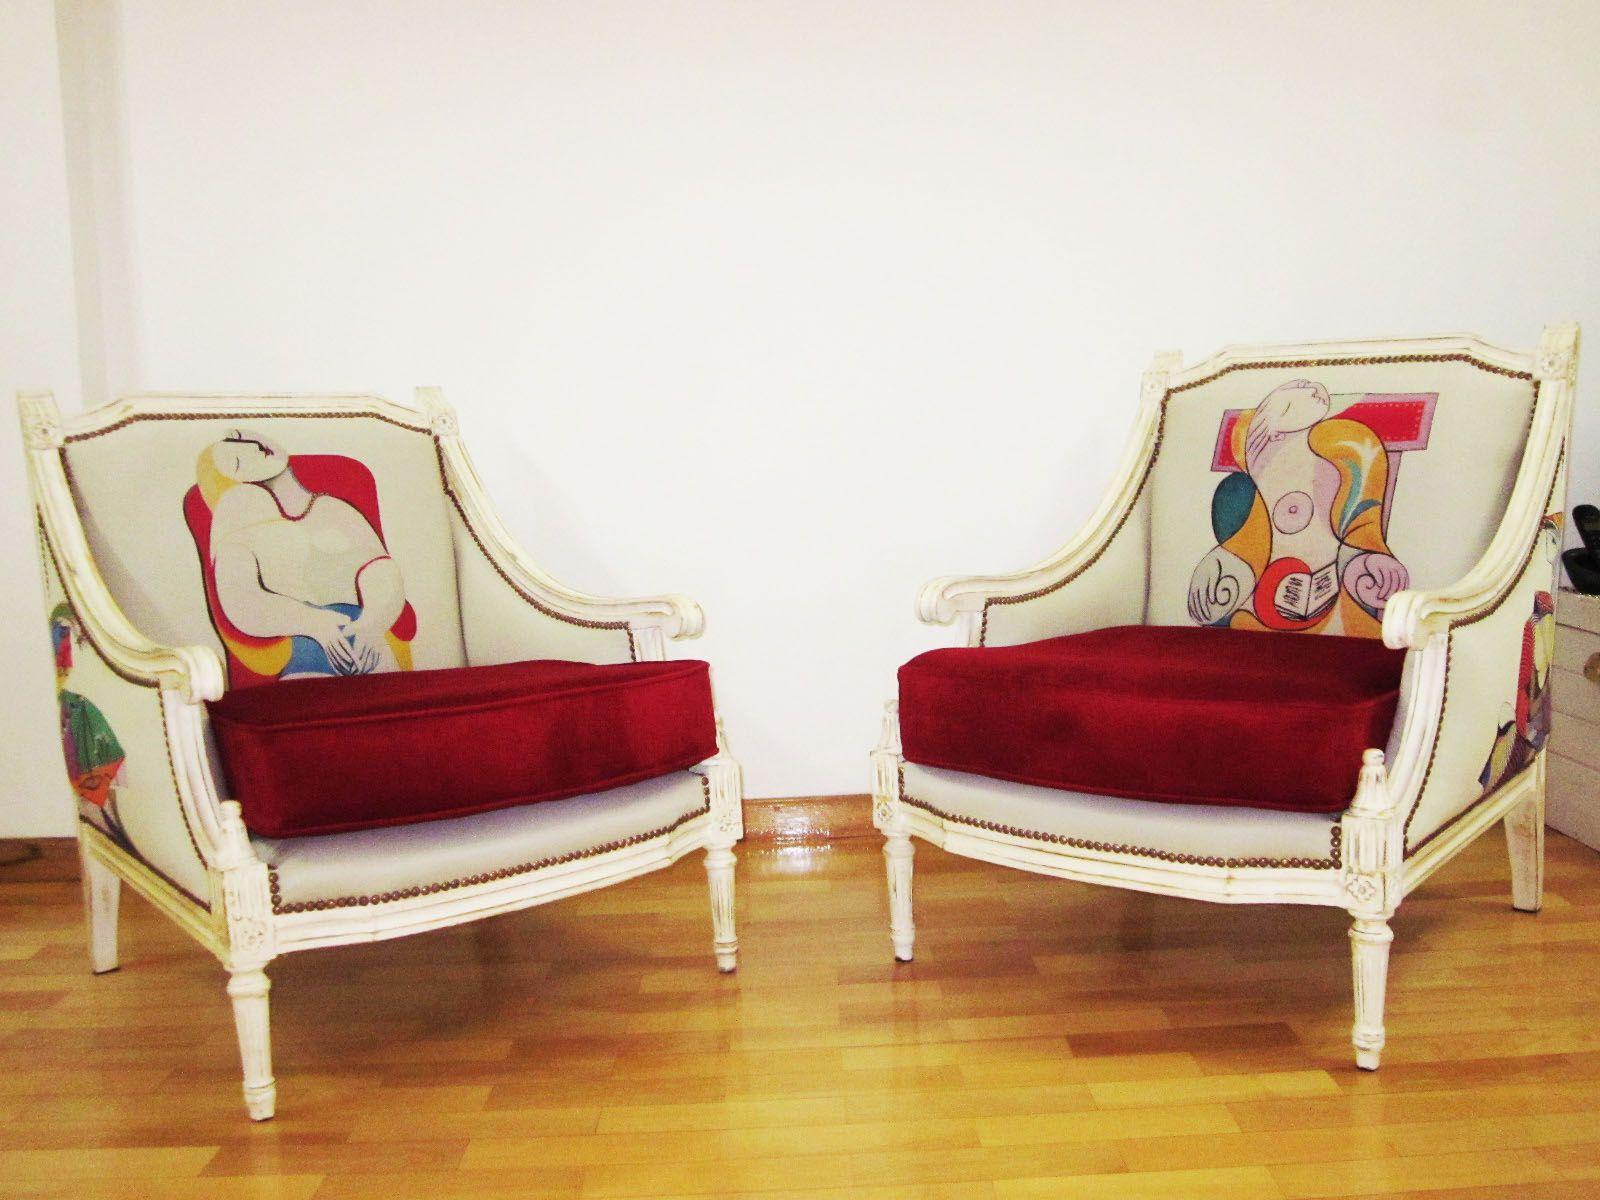 Sillones luis xv creaci n estampares tapizados originales - Sillones de diseno ...